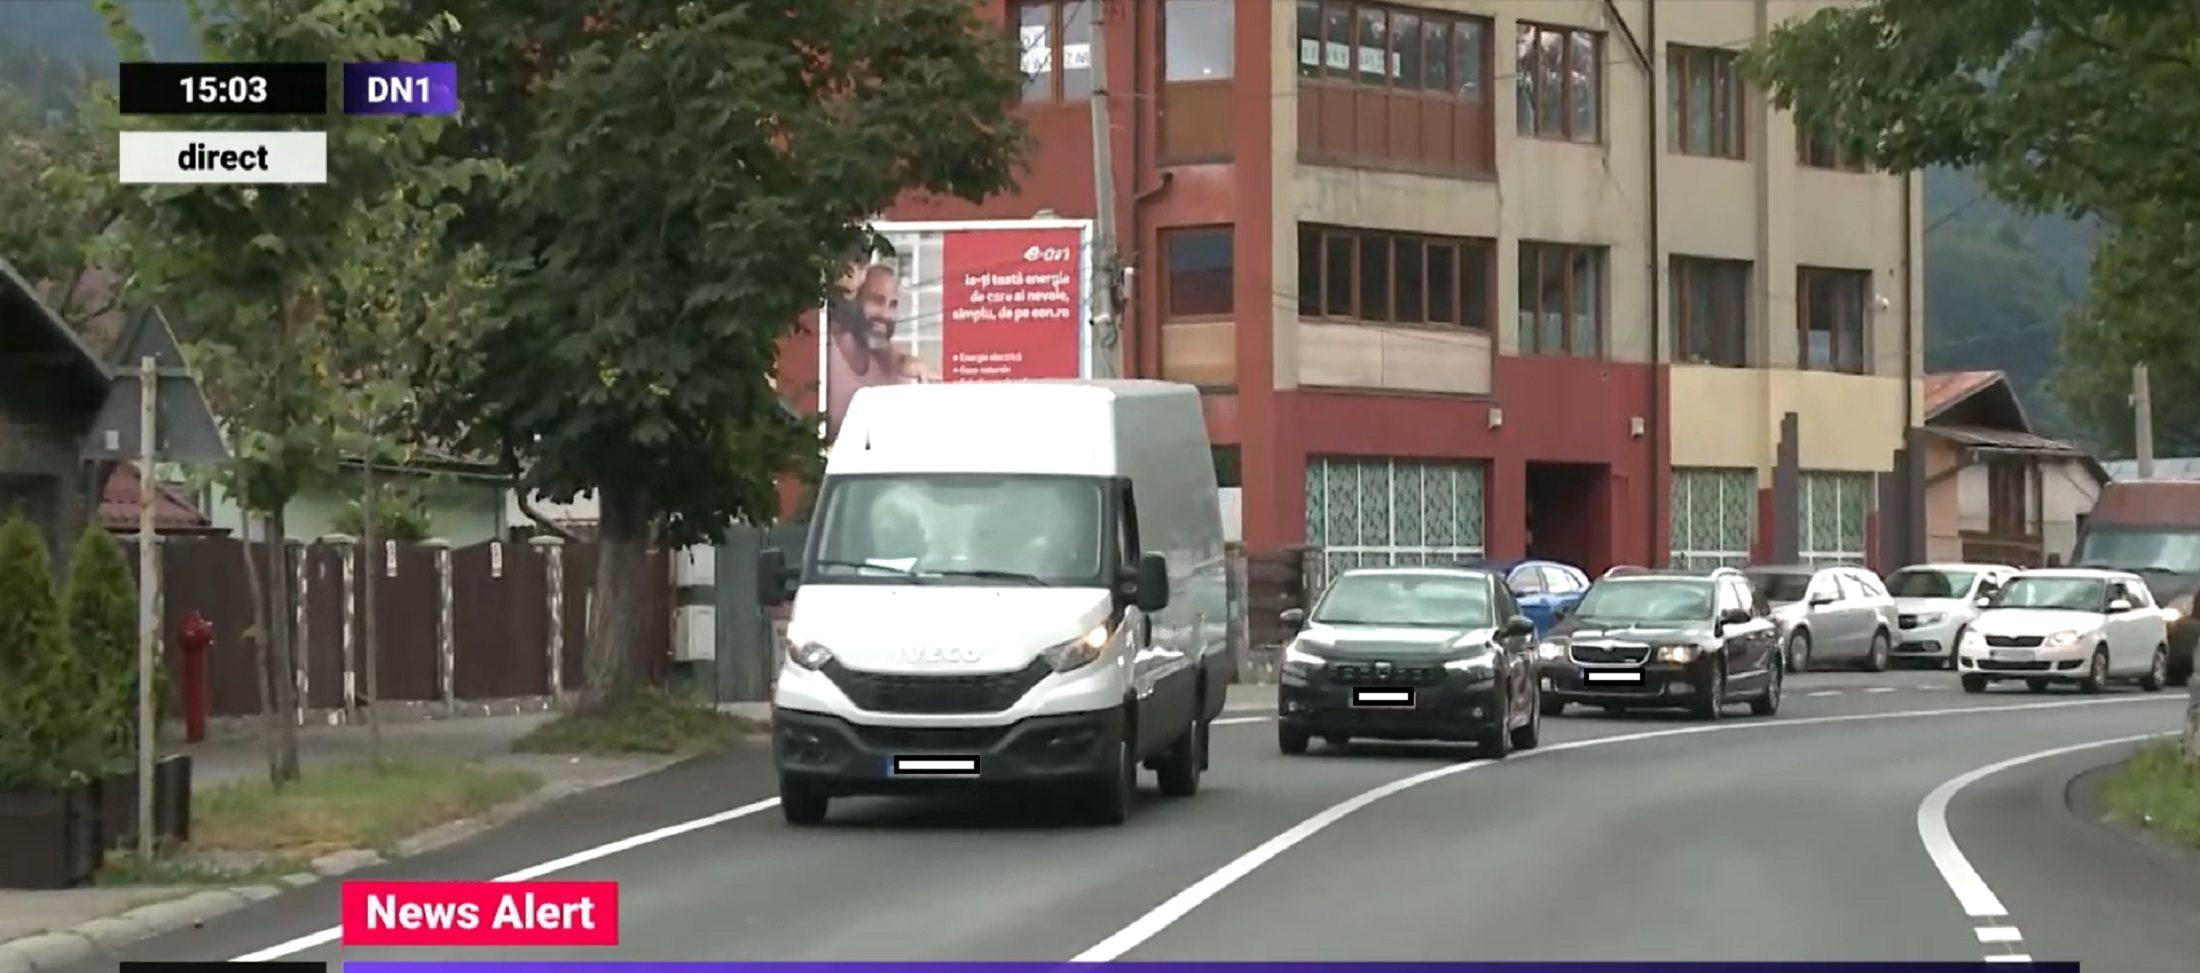 Șoferii stau bară la bară pe DN1 între Brașov și Ploiești. Recomandări de rute alternative spre București